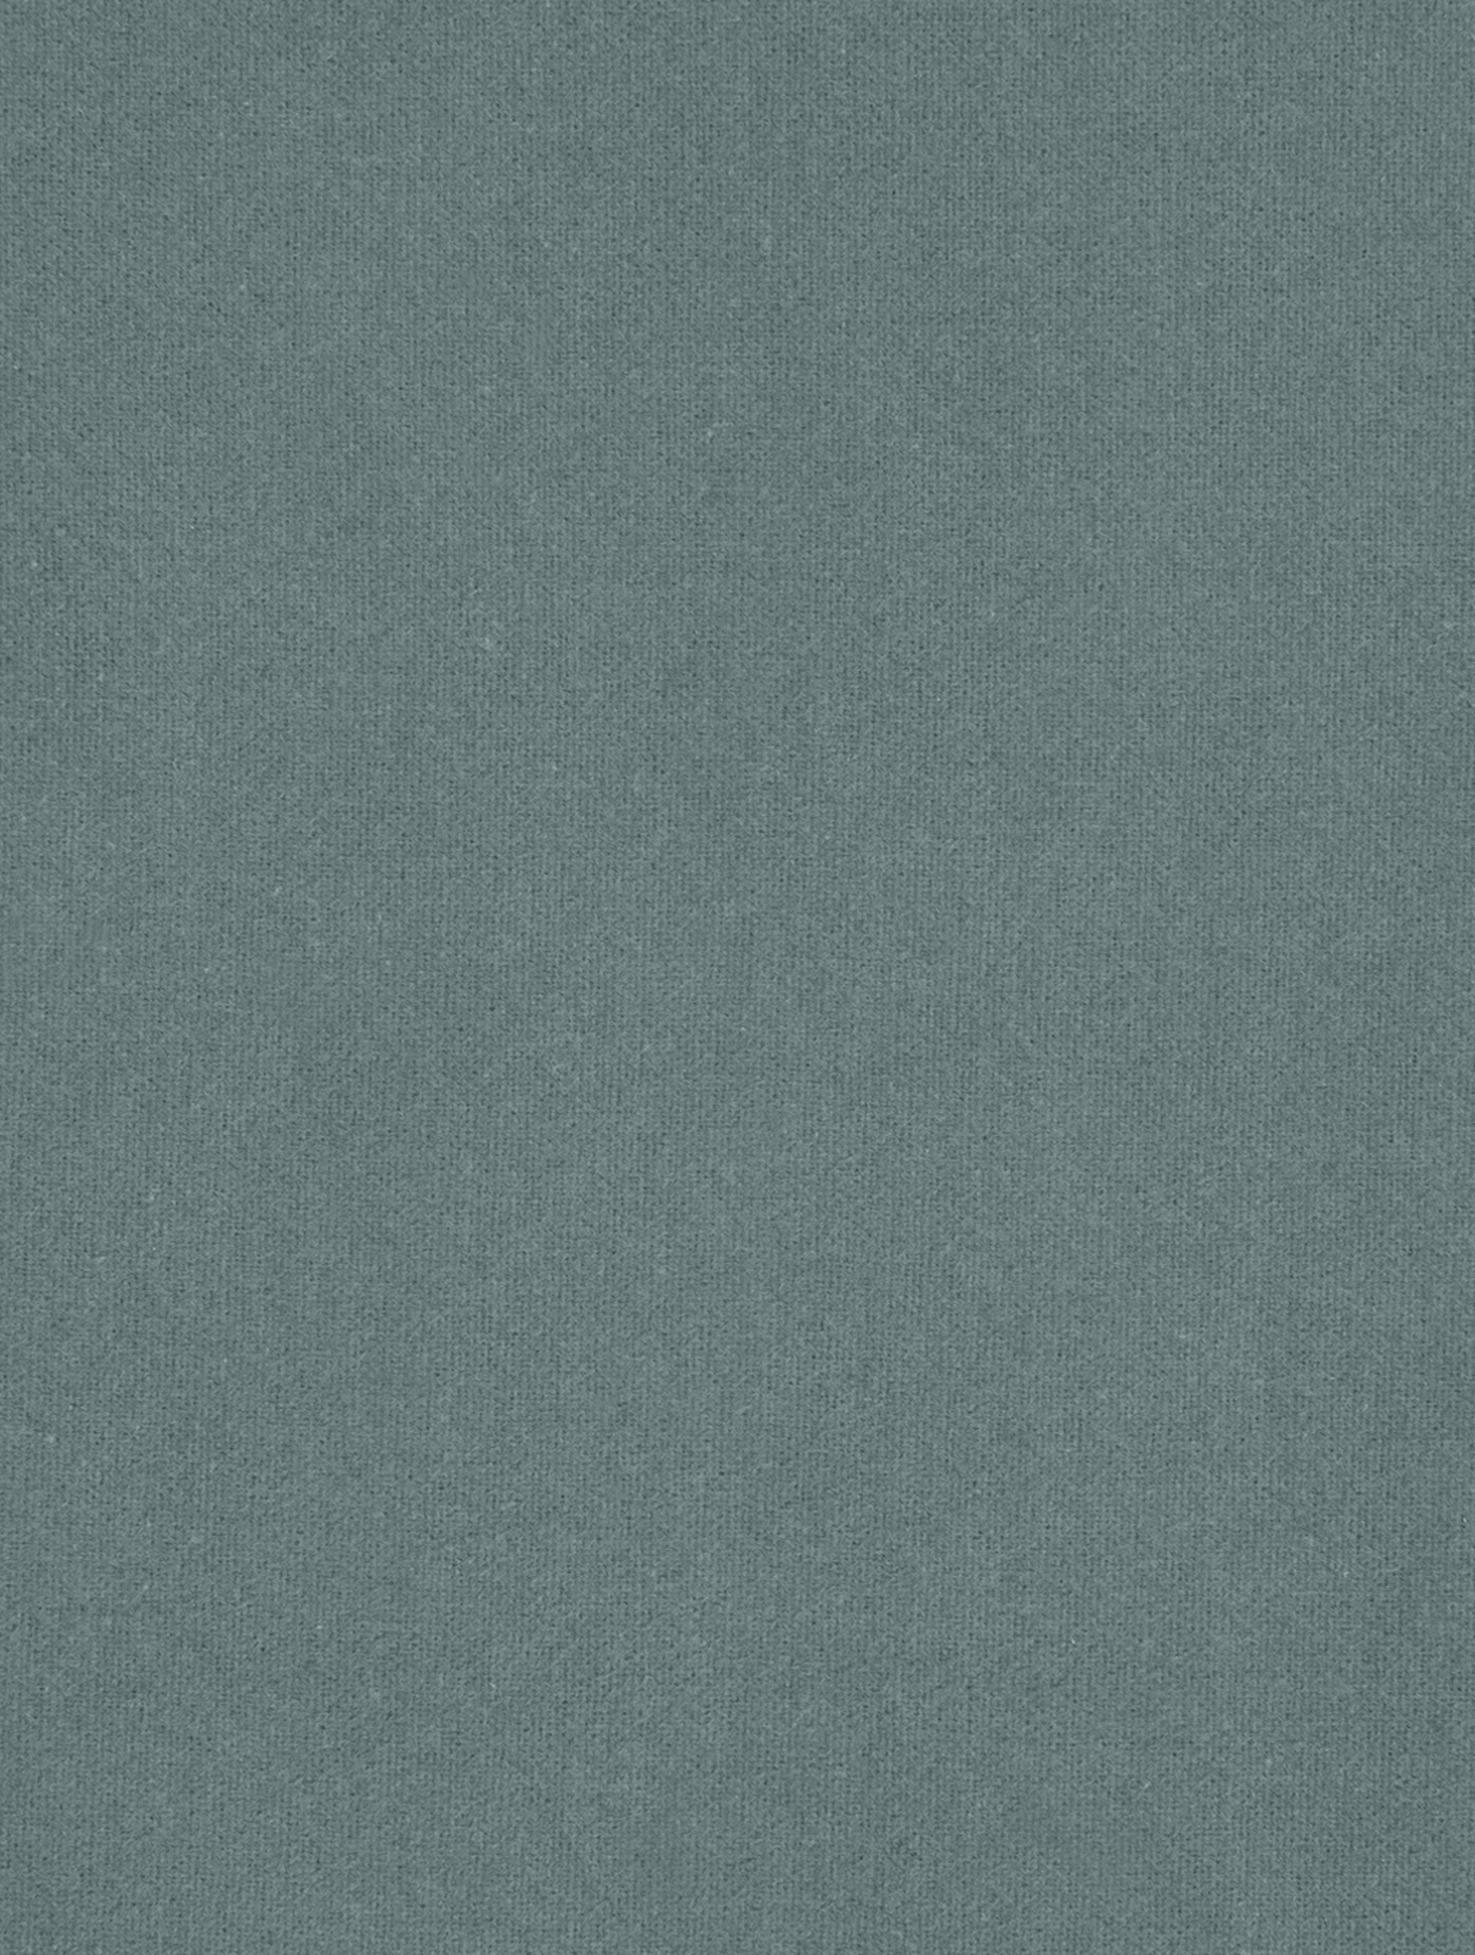 Prześcieradło z gumką z flaneli Biba, Ciemny zielony, S 180 x D 200 cm